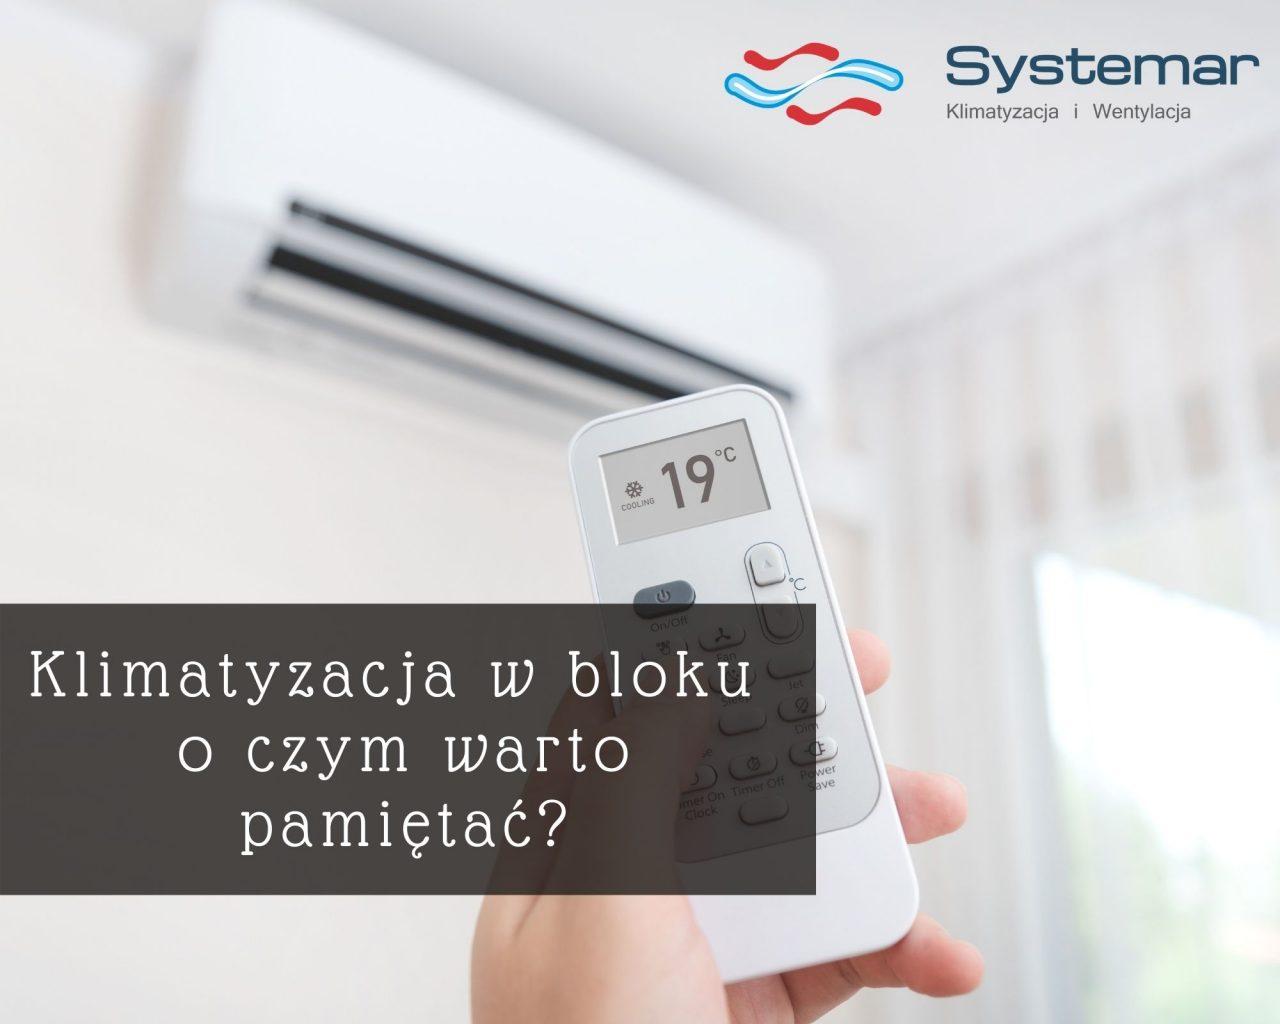 https://systemar.pl/wp-content/uploads/2020/11/klimatyzacja-w-bloku-o-czym-warto-pamietac-1280x1024.jpg